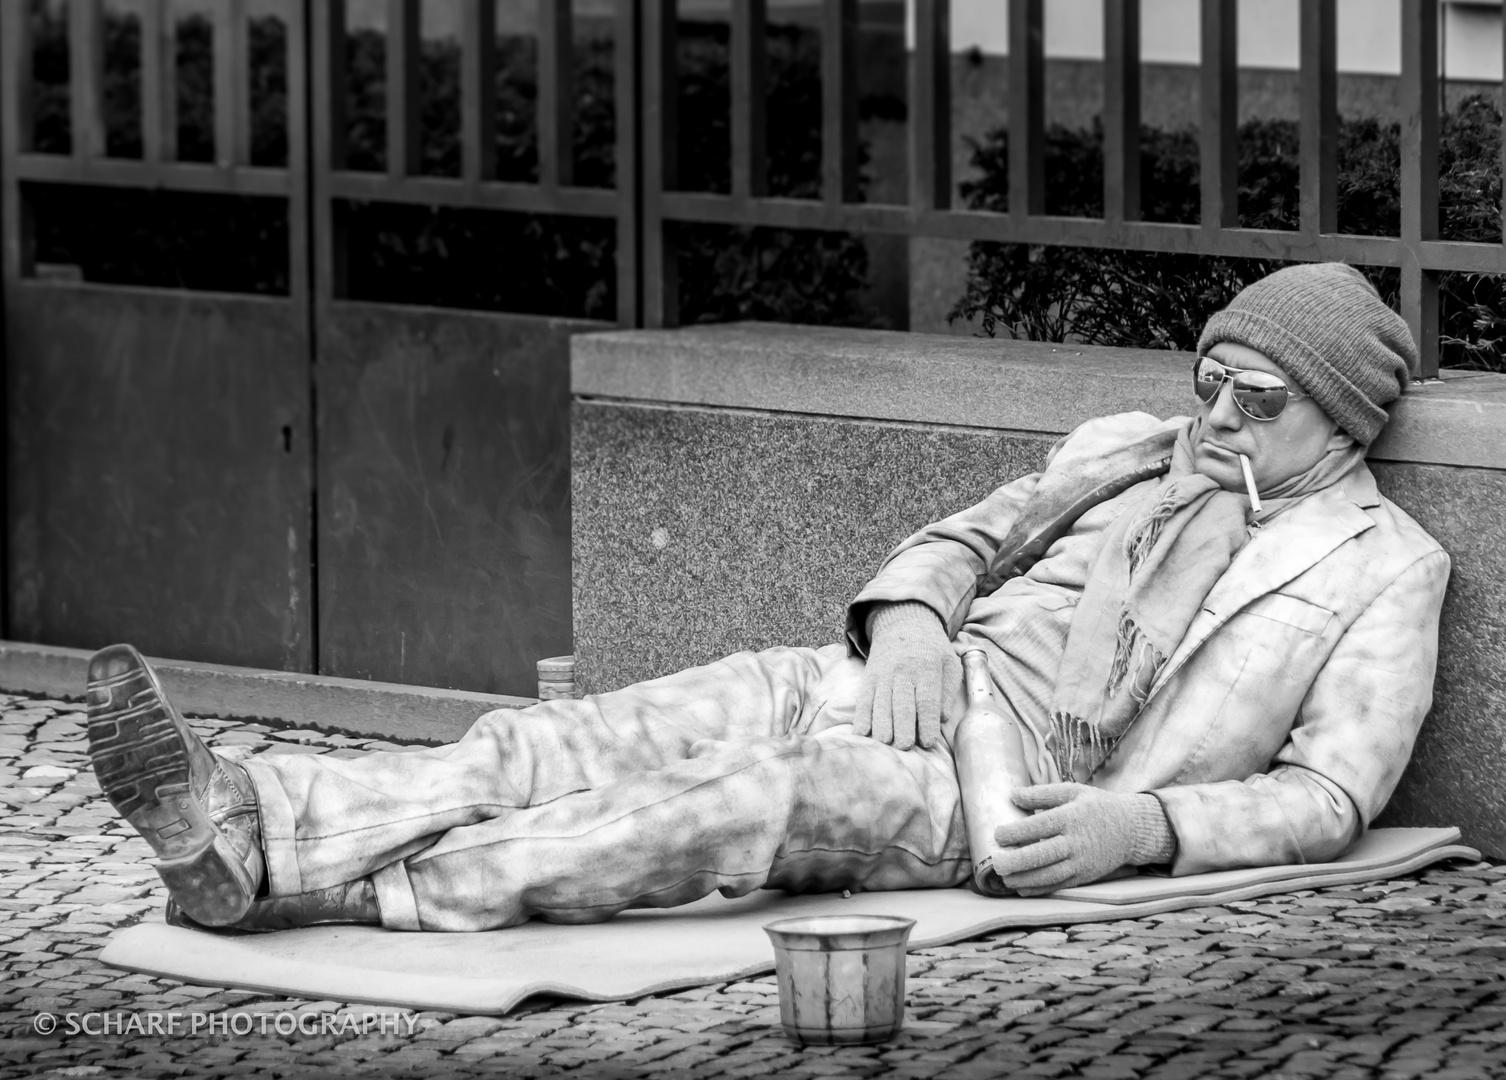 homeless silver guy